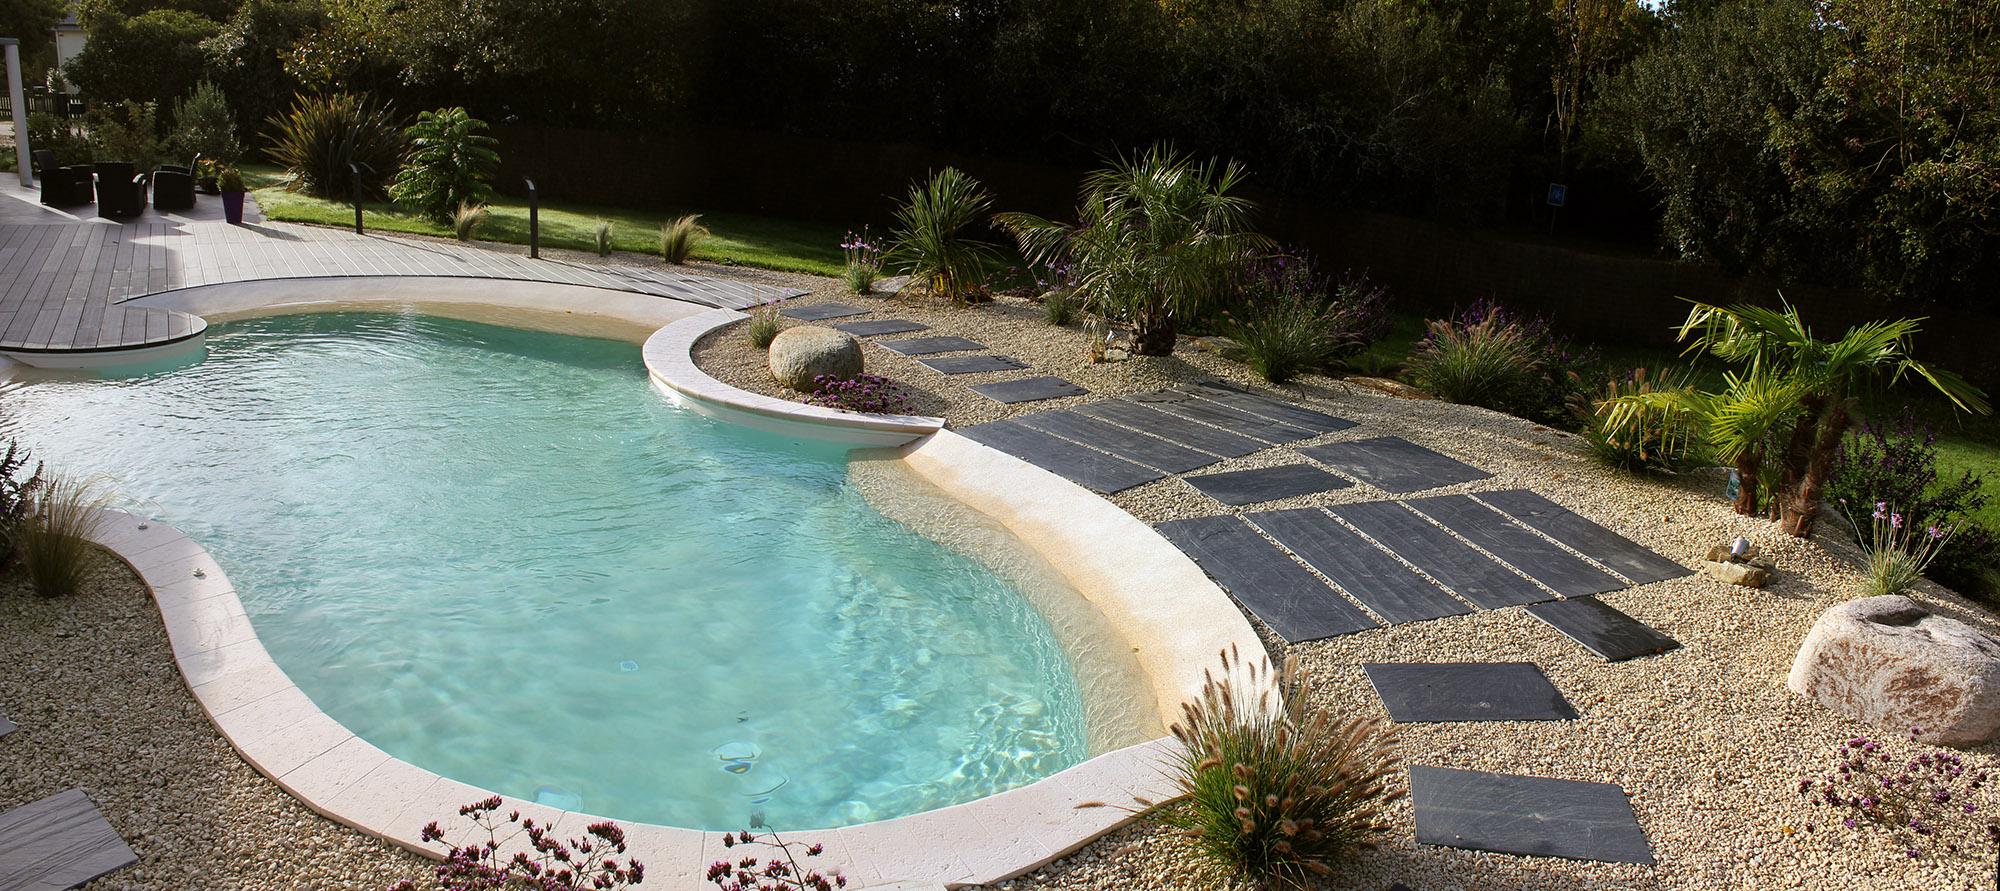 Tour de piscine saint andr des eaux 44 dreamis for Piscine 44